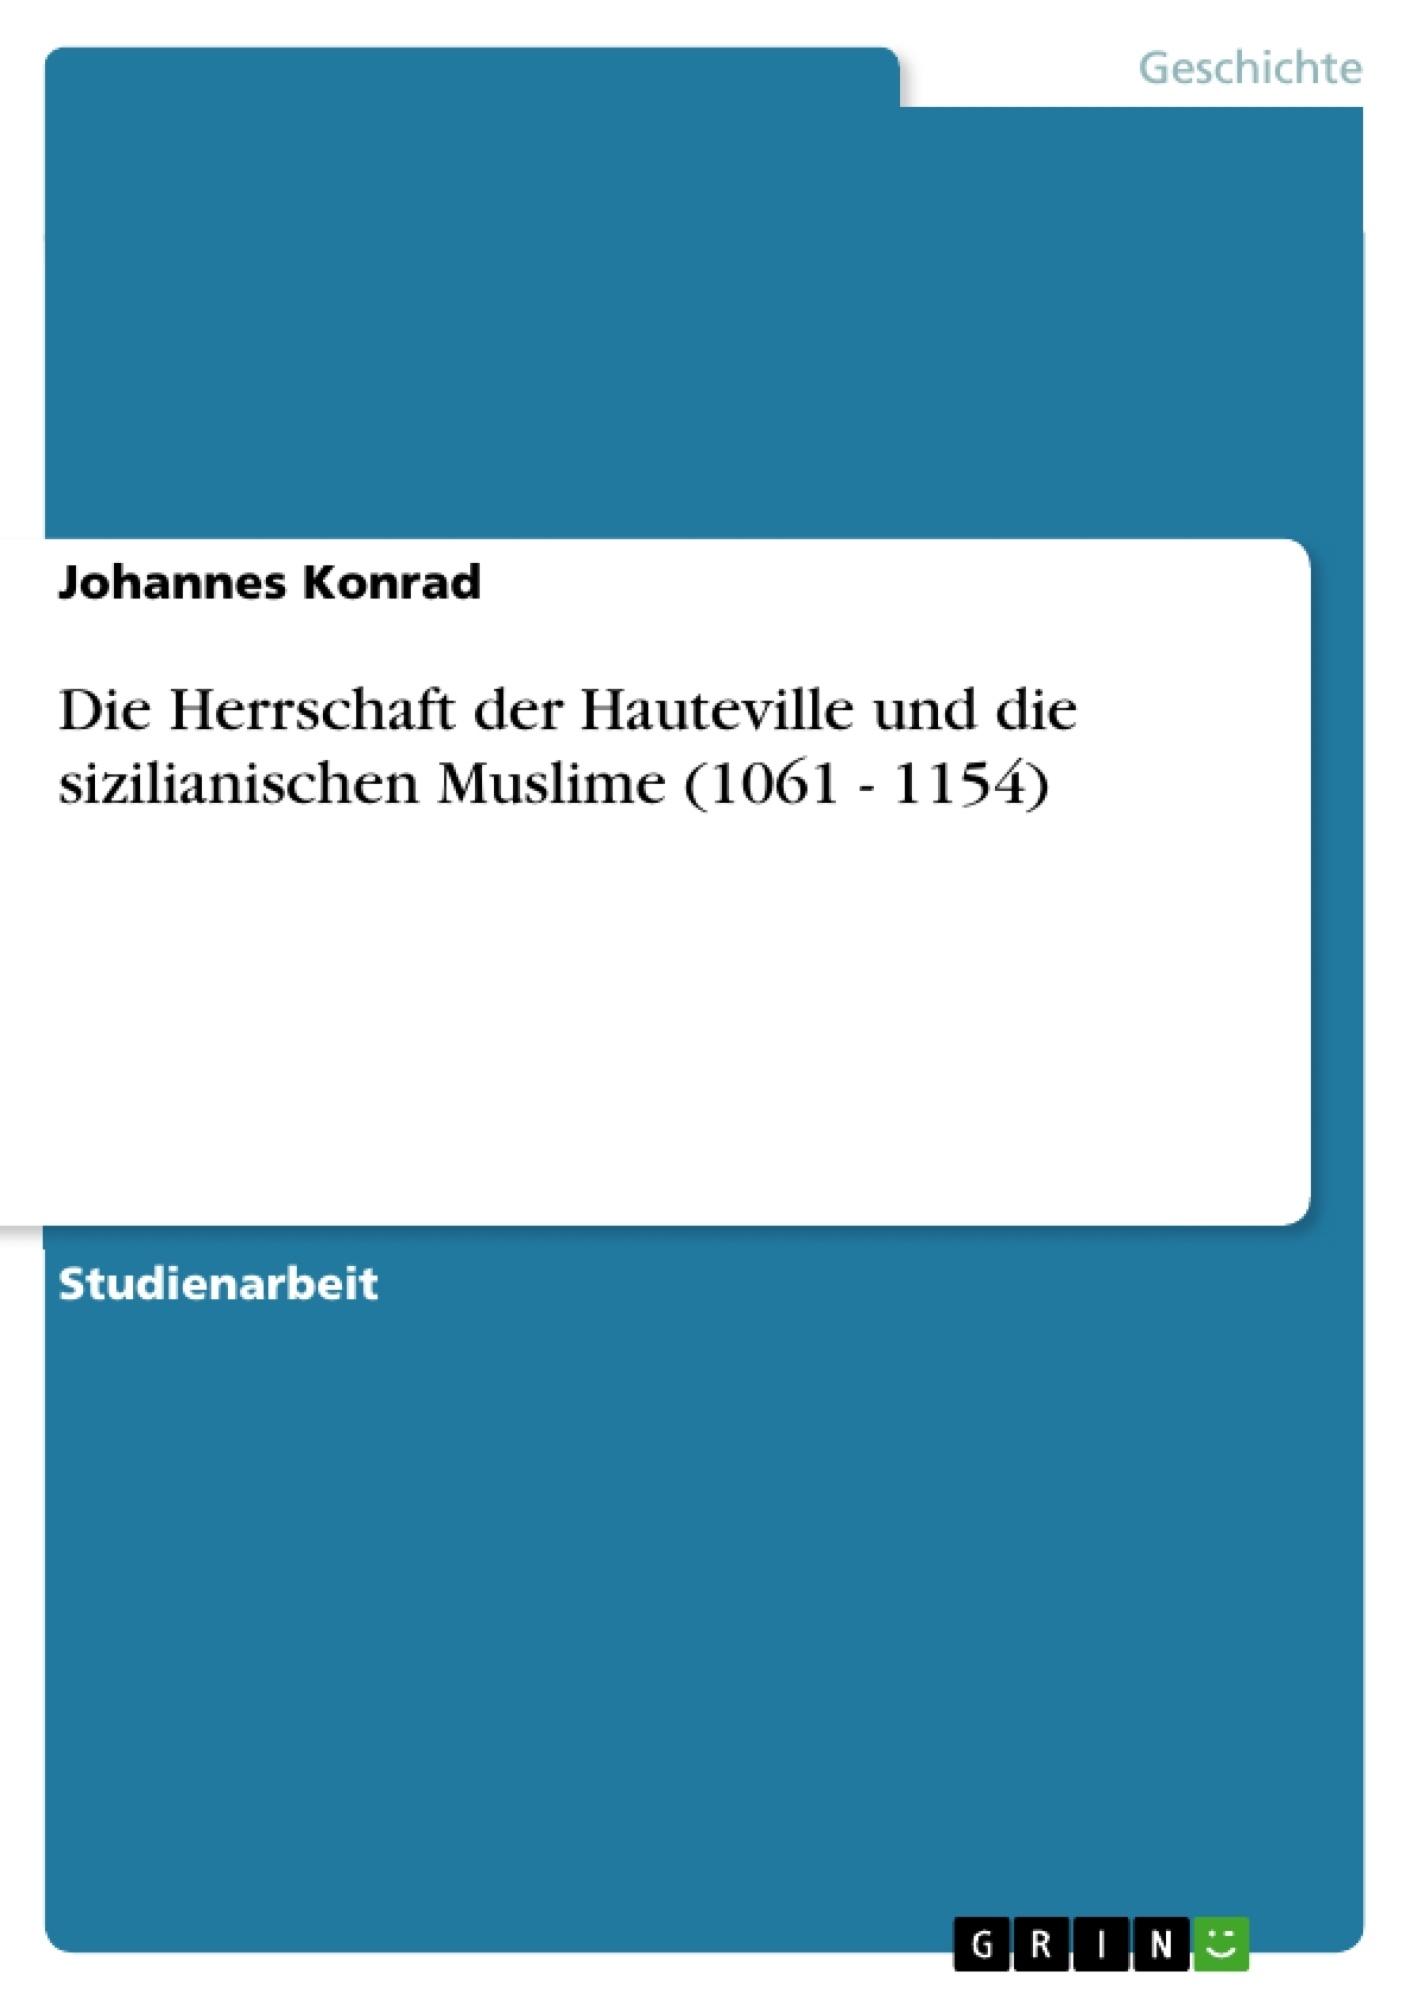 Titel: Die Herrschaft der Hauteville und die sizilianischen Muslime (1061 - 1154)